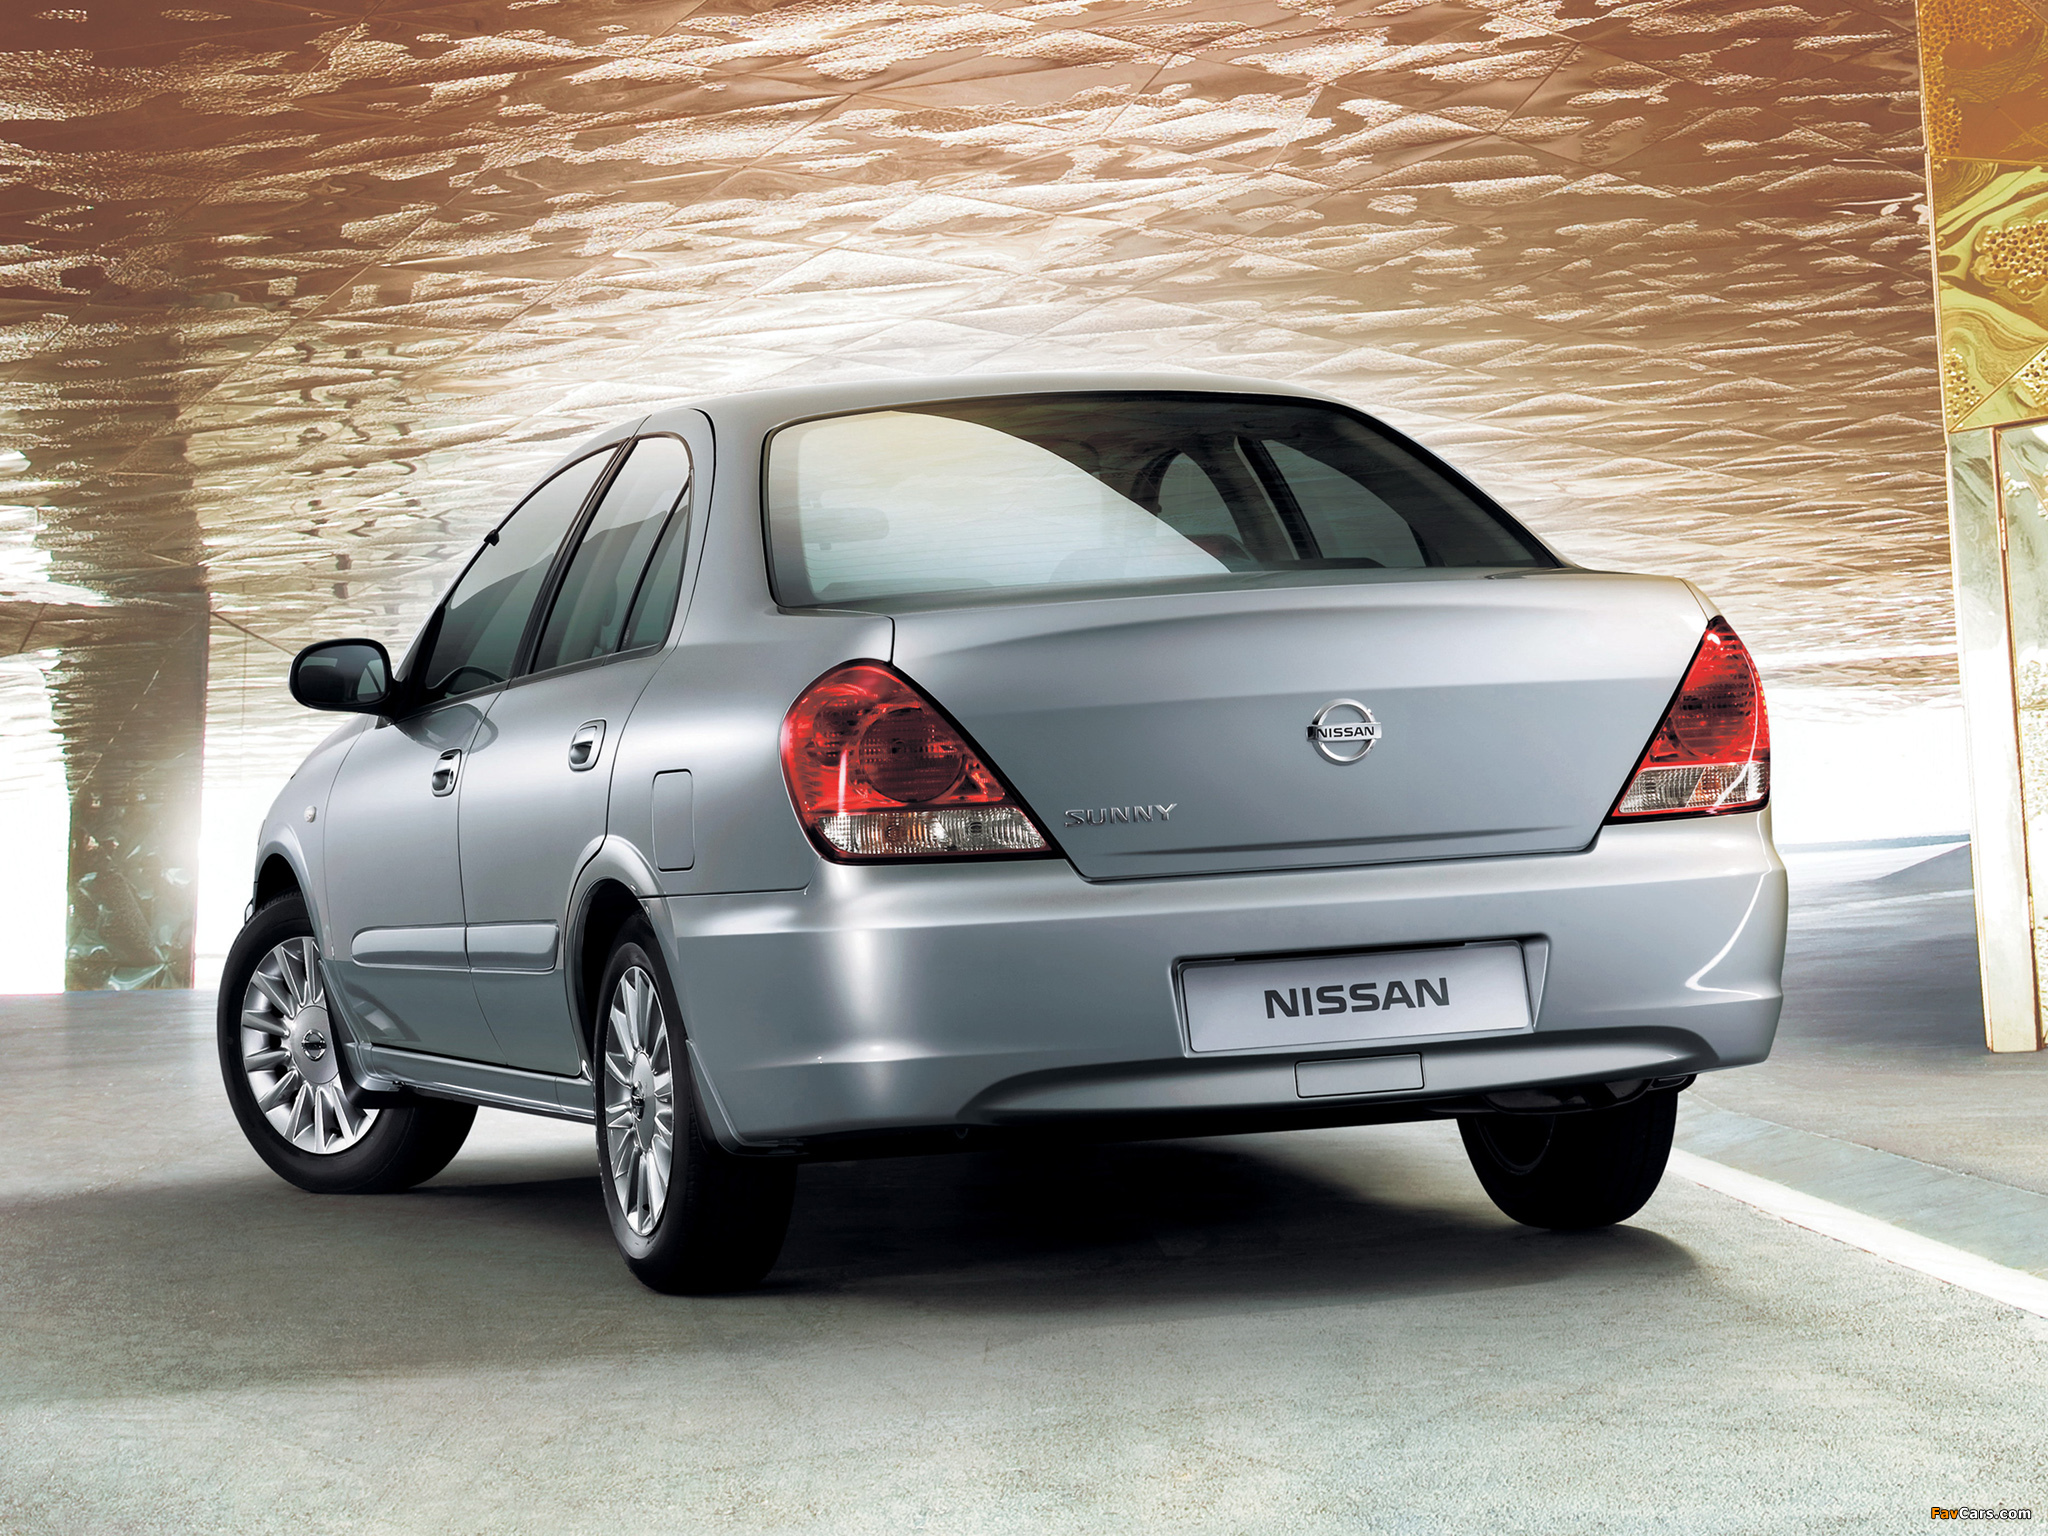 Nissan Sunny (N16) photos (2048 x 1536)